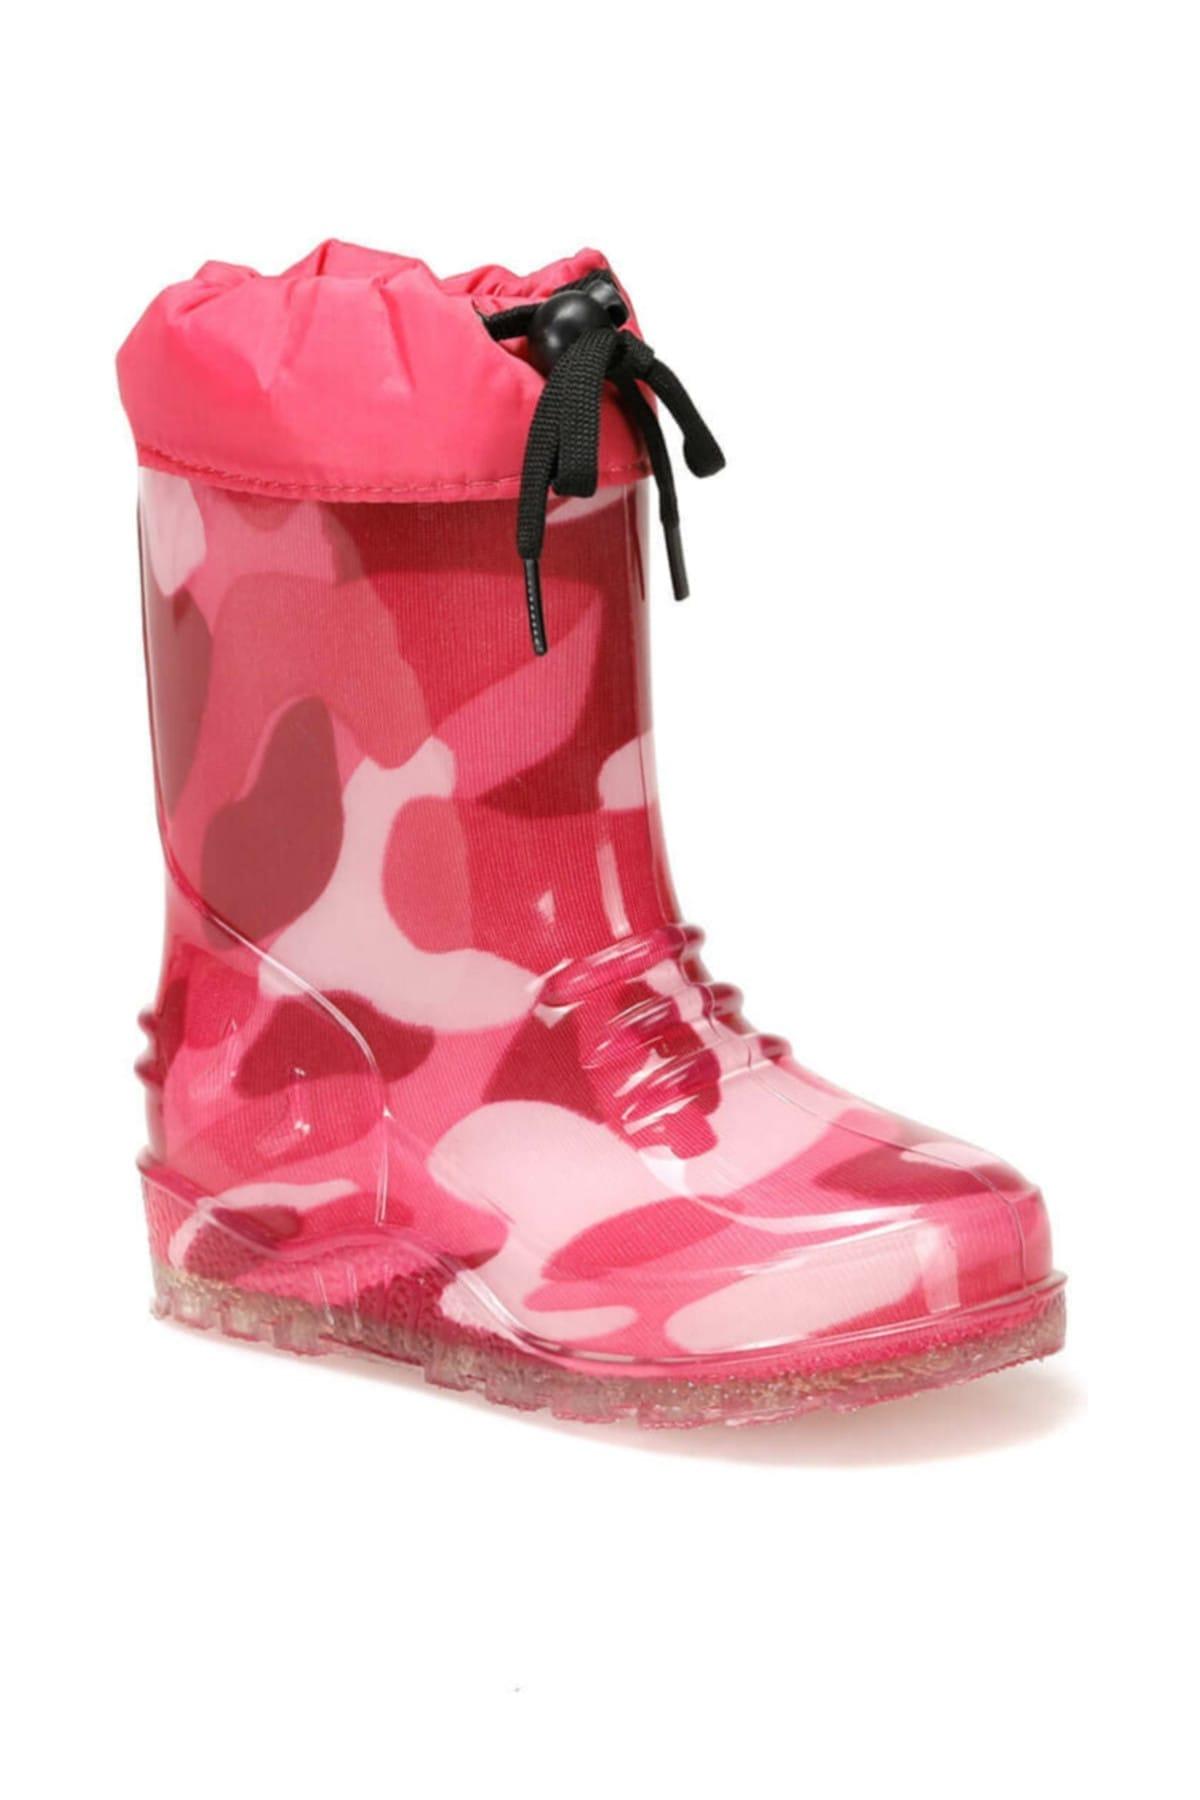 CANDY.P Fuşya Kız Çocuk Yağmur Çizmesi  Su Geçirmez 100439913